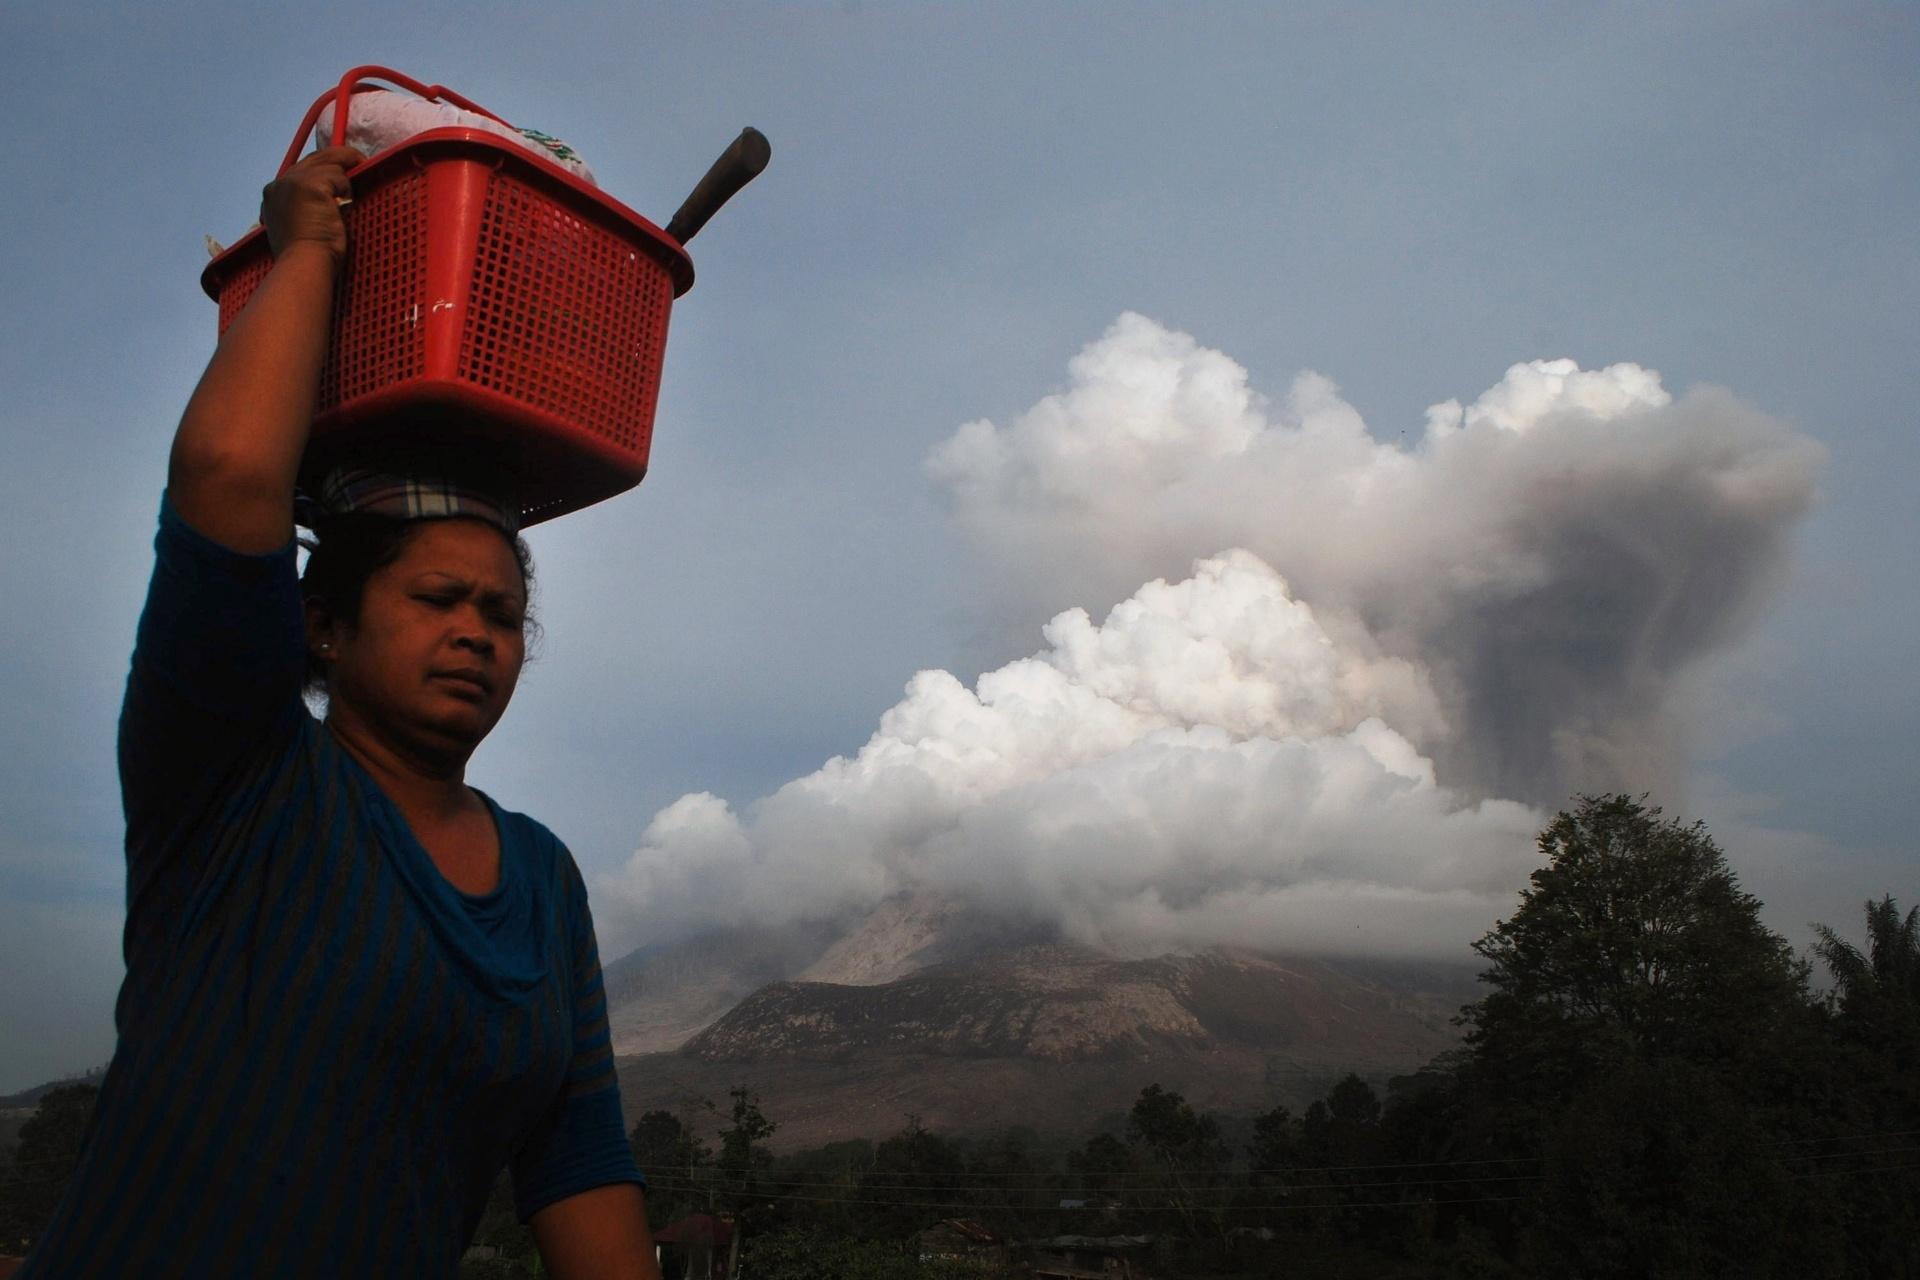 15.out.2014 - Uma mulher carrega seus pertences enquanto foge da erupção do vulcão Sinabung, no distrito de Karo, em Sumatra, na Indonésia, em foto tirada nessa terça-feira (14) e divulgada hoje (15). Em fevereiro, a erupção matou 17 pessoas e forçou mais de 33 mil a saírem de suas casas